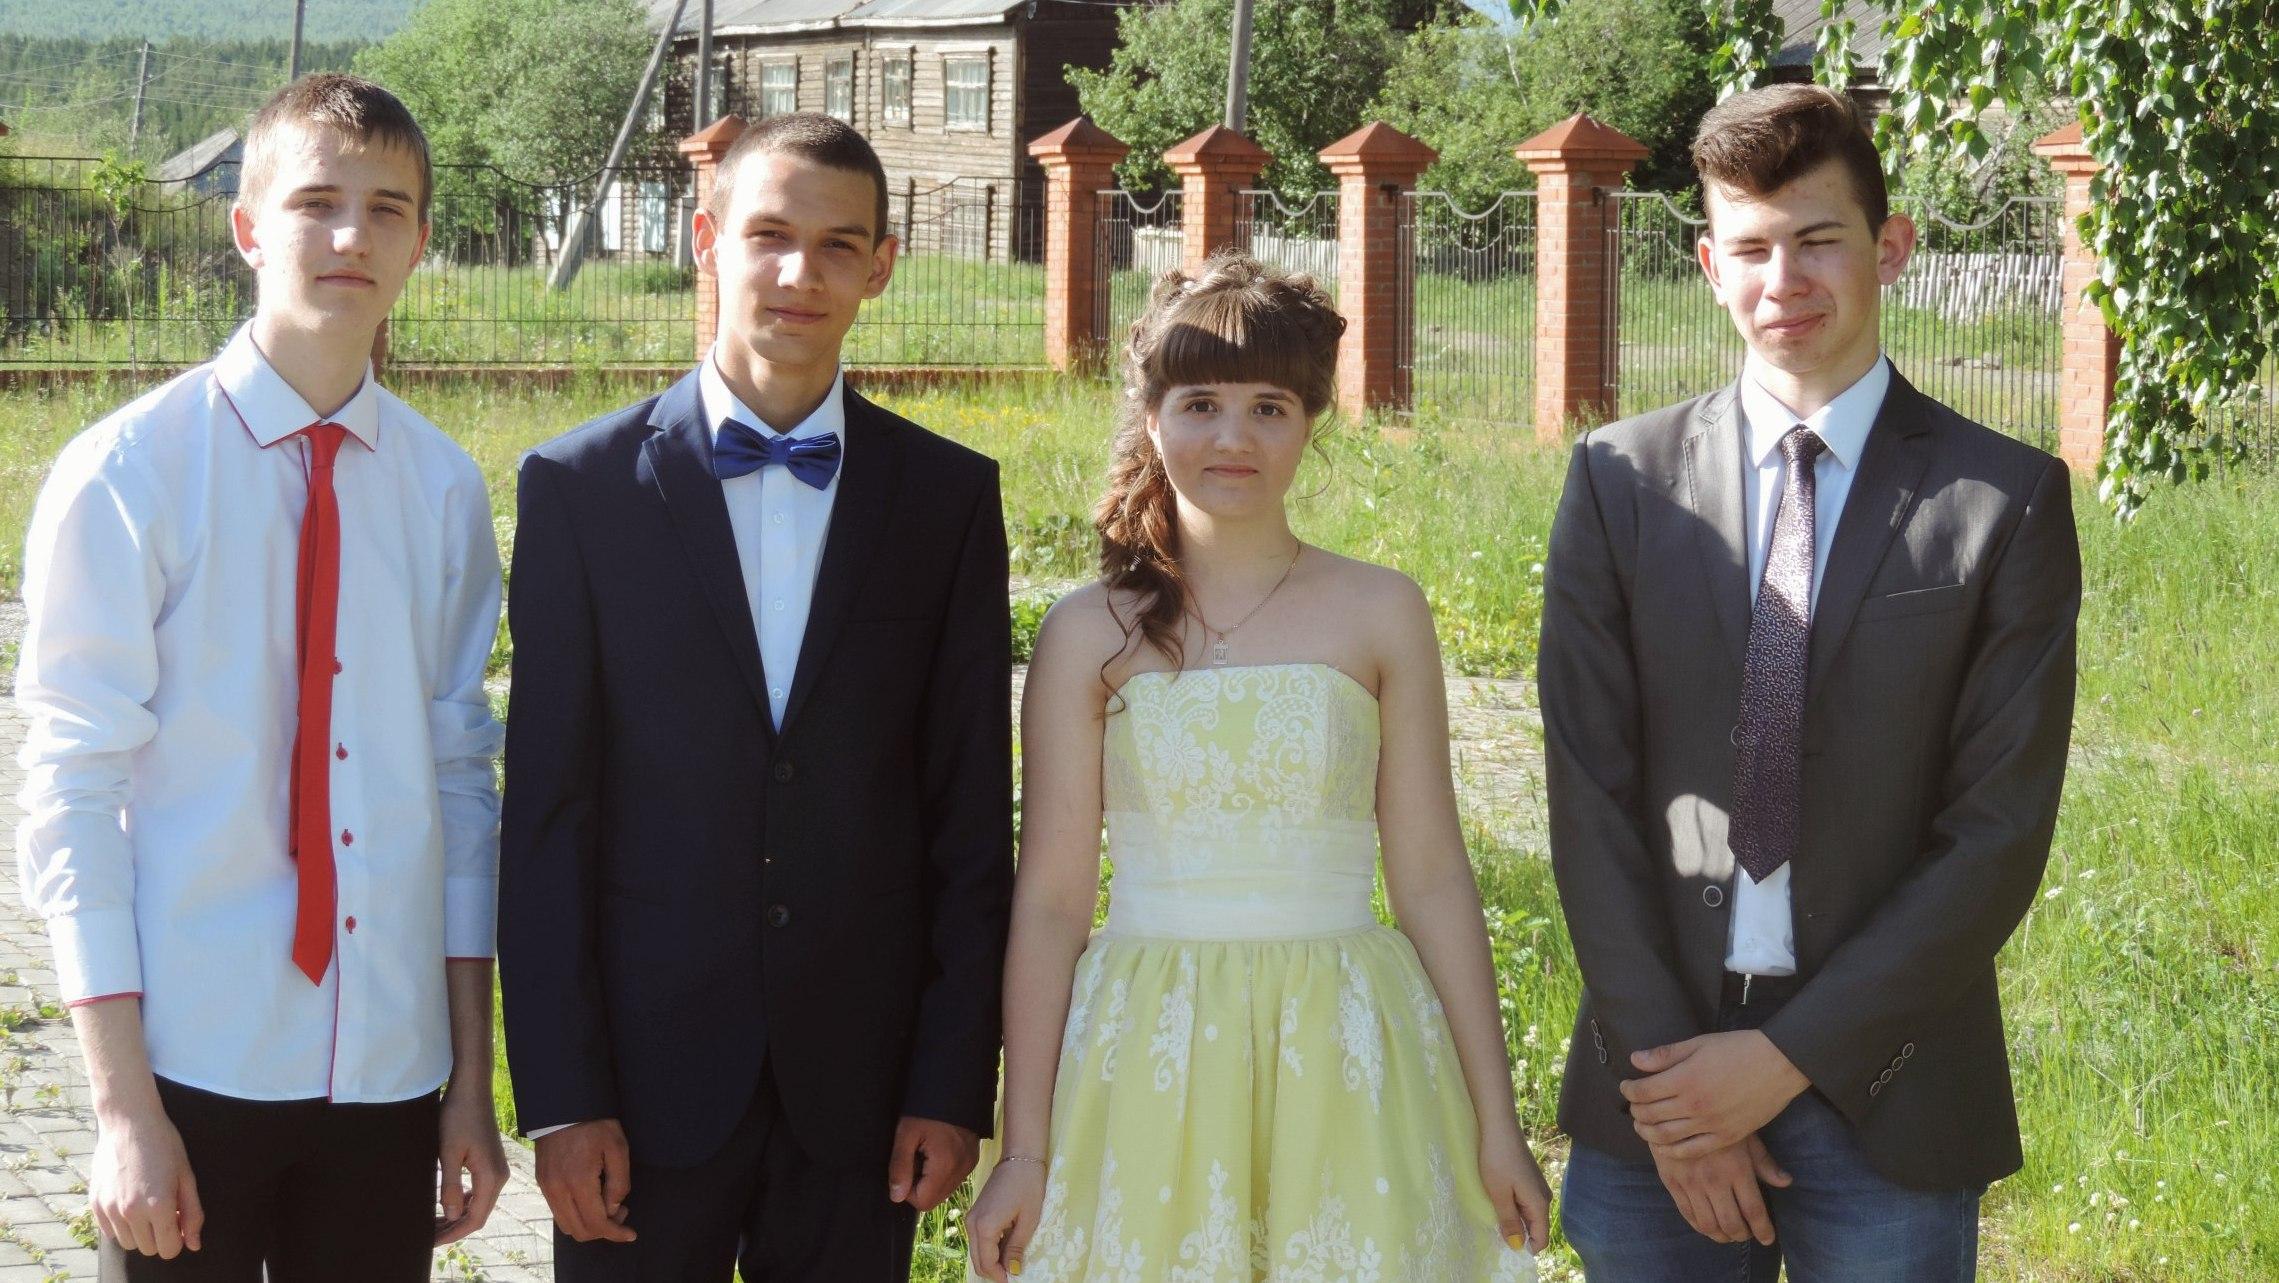 Иван Ургант запустил флешмоб в поддержку единственной выпускницы уральской школы. ФОТО участников